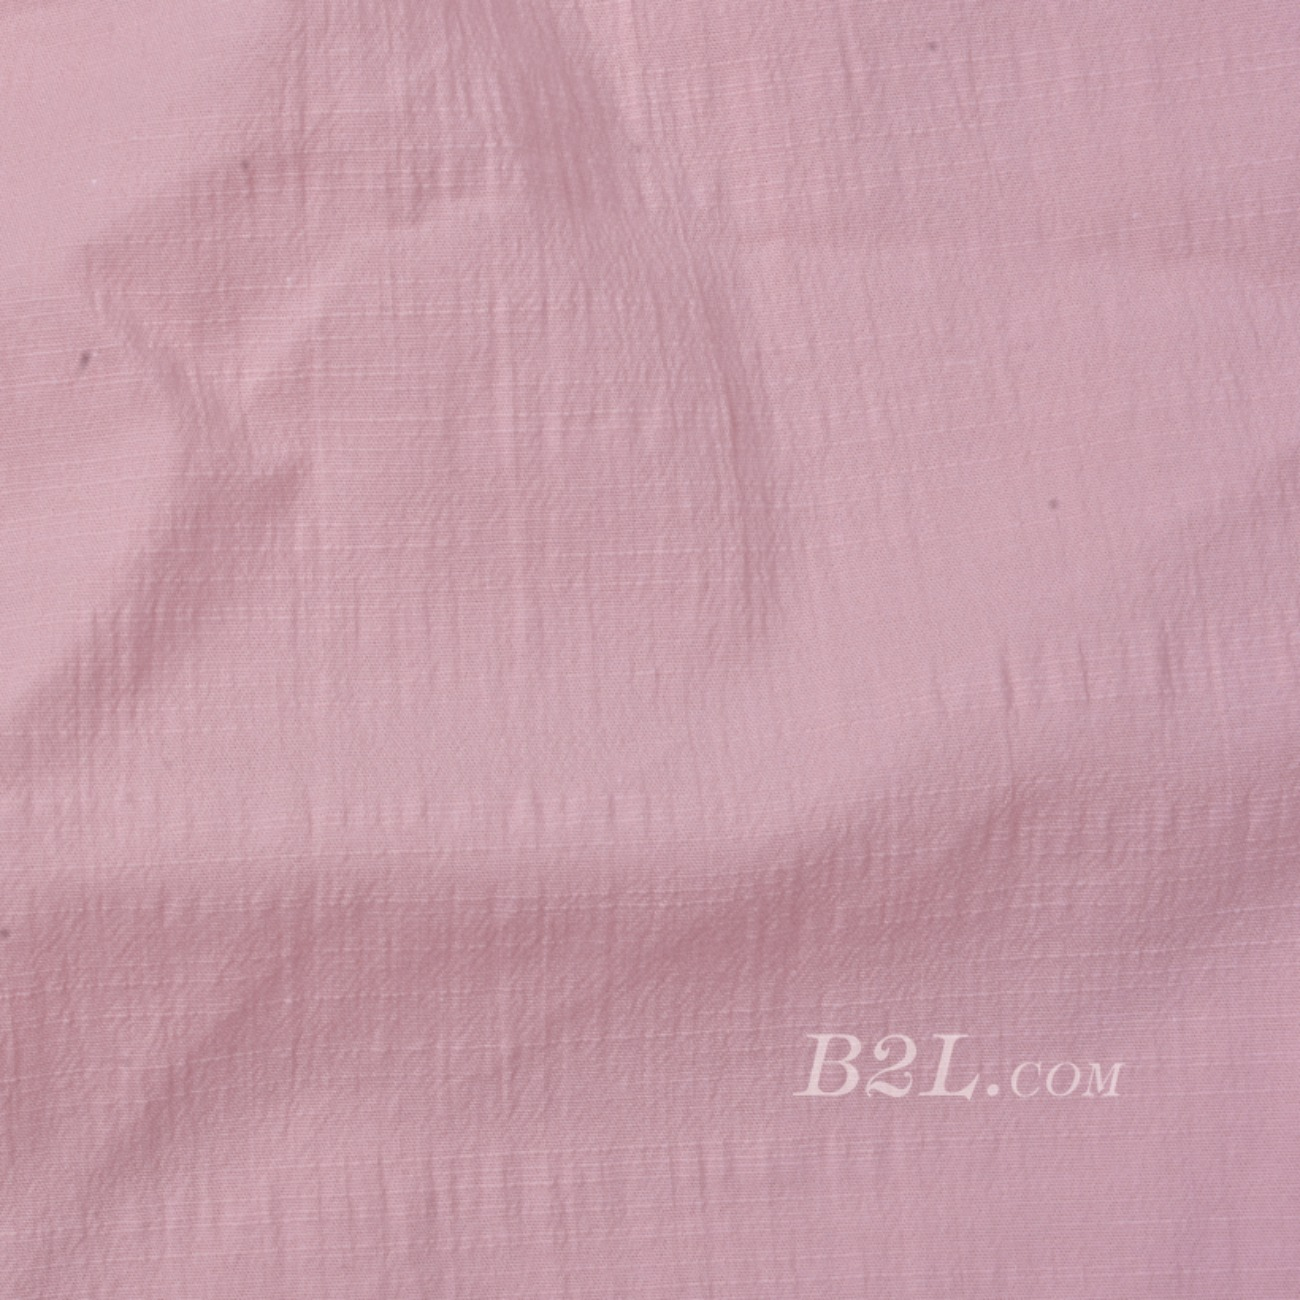 梭织染色素色弹力竹节砂洗面料-春夏衬衫连衣裙面料91112-1